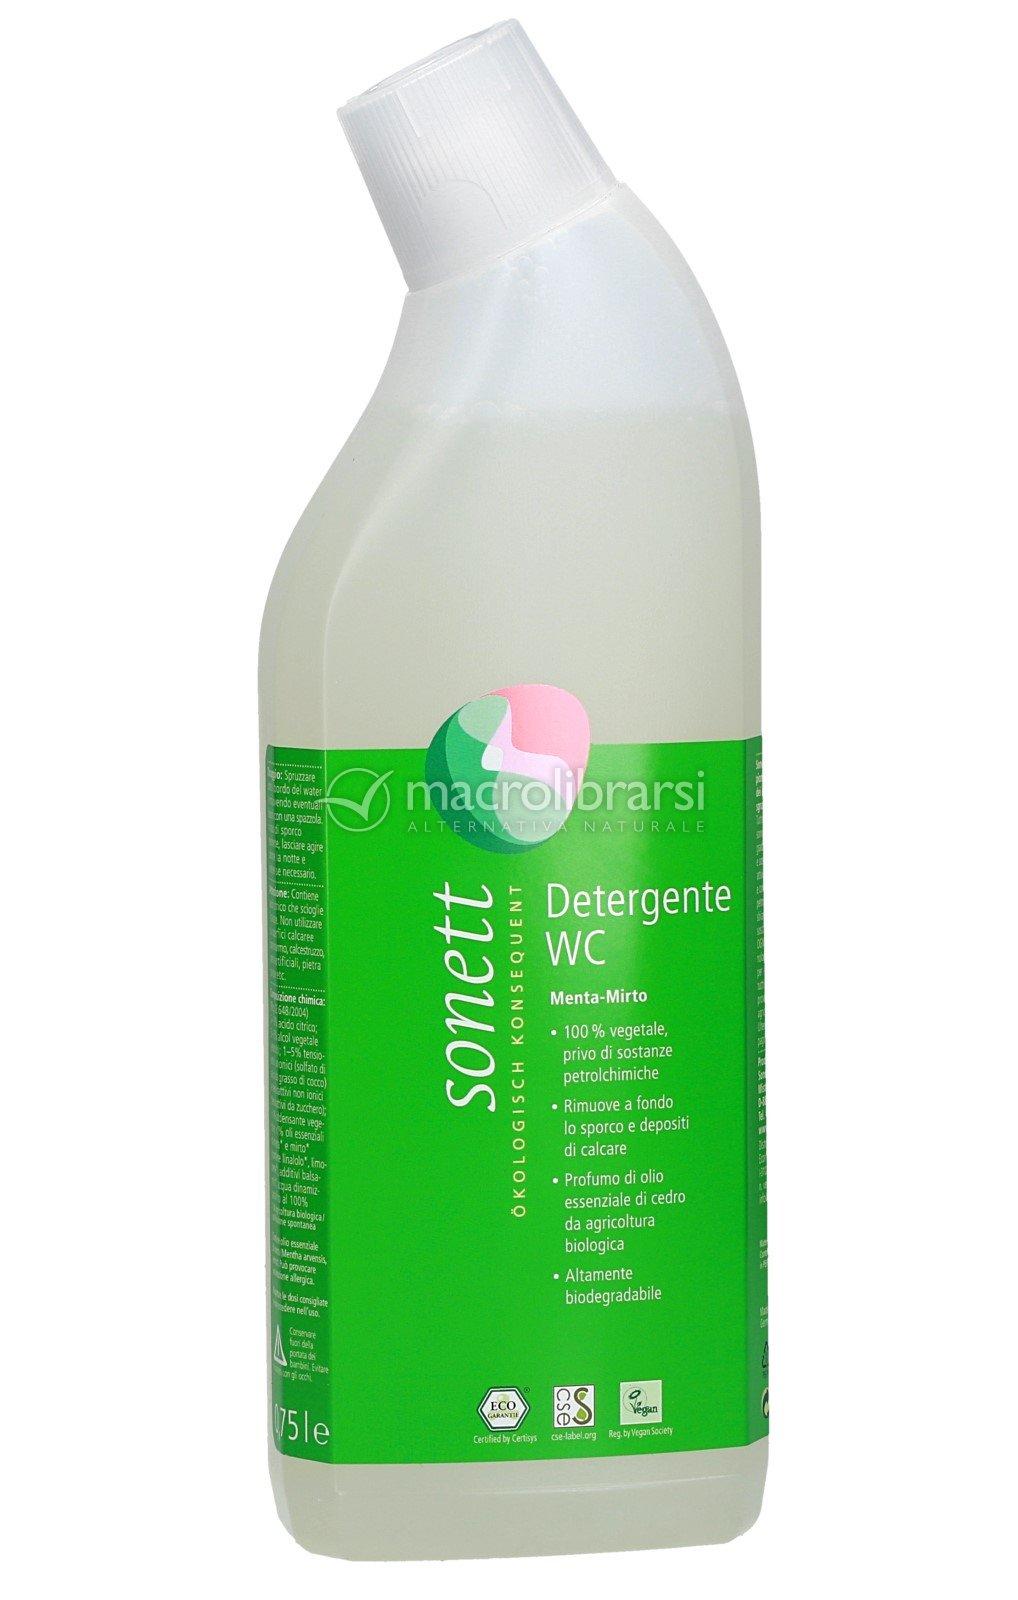 Incrostazioni Di Calcare Nel Wc detergente wc